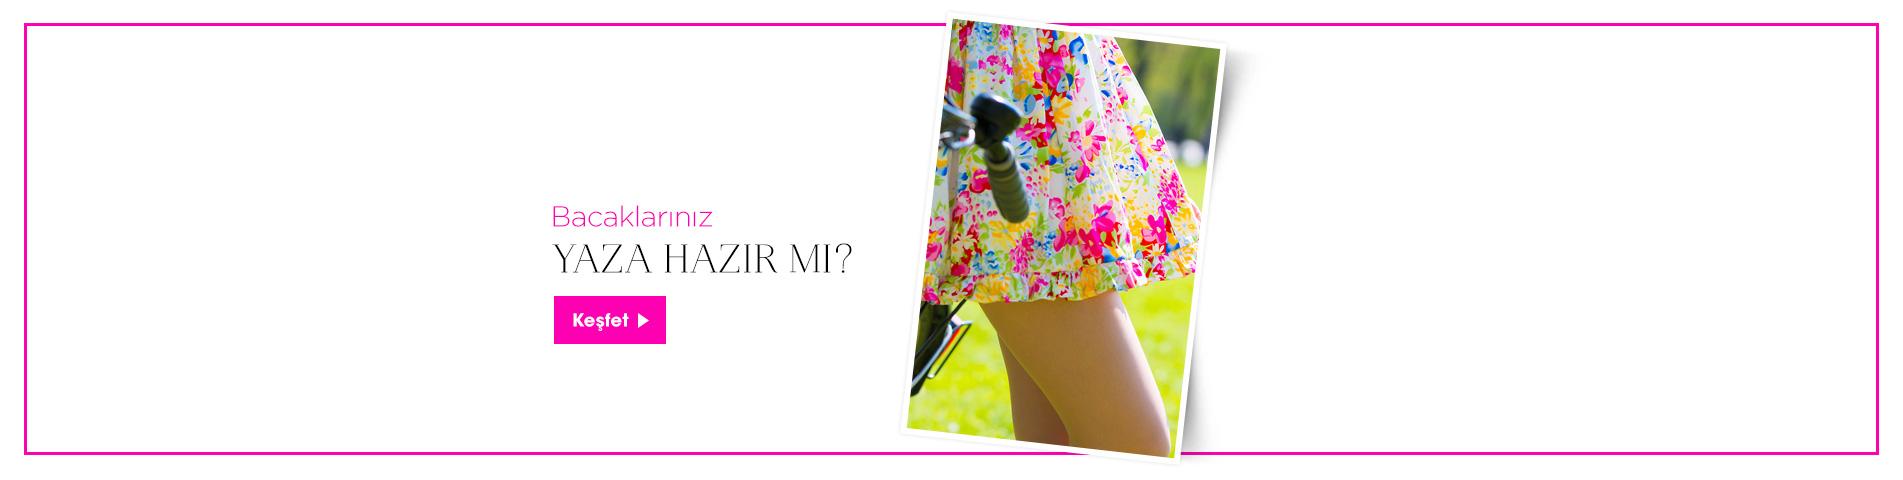 bacaklarini_yaza_hazirmi_slider